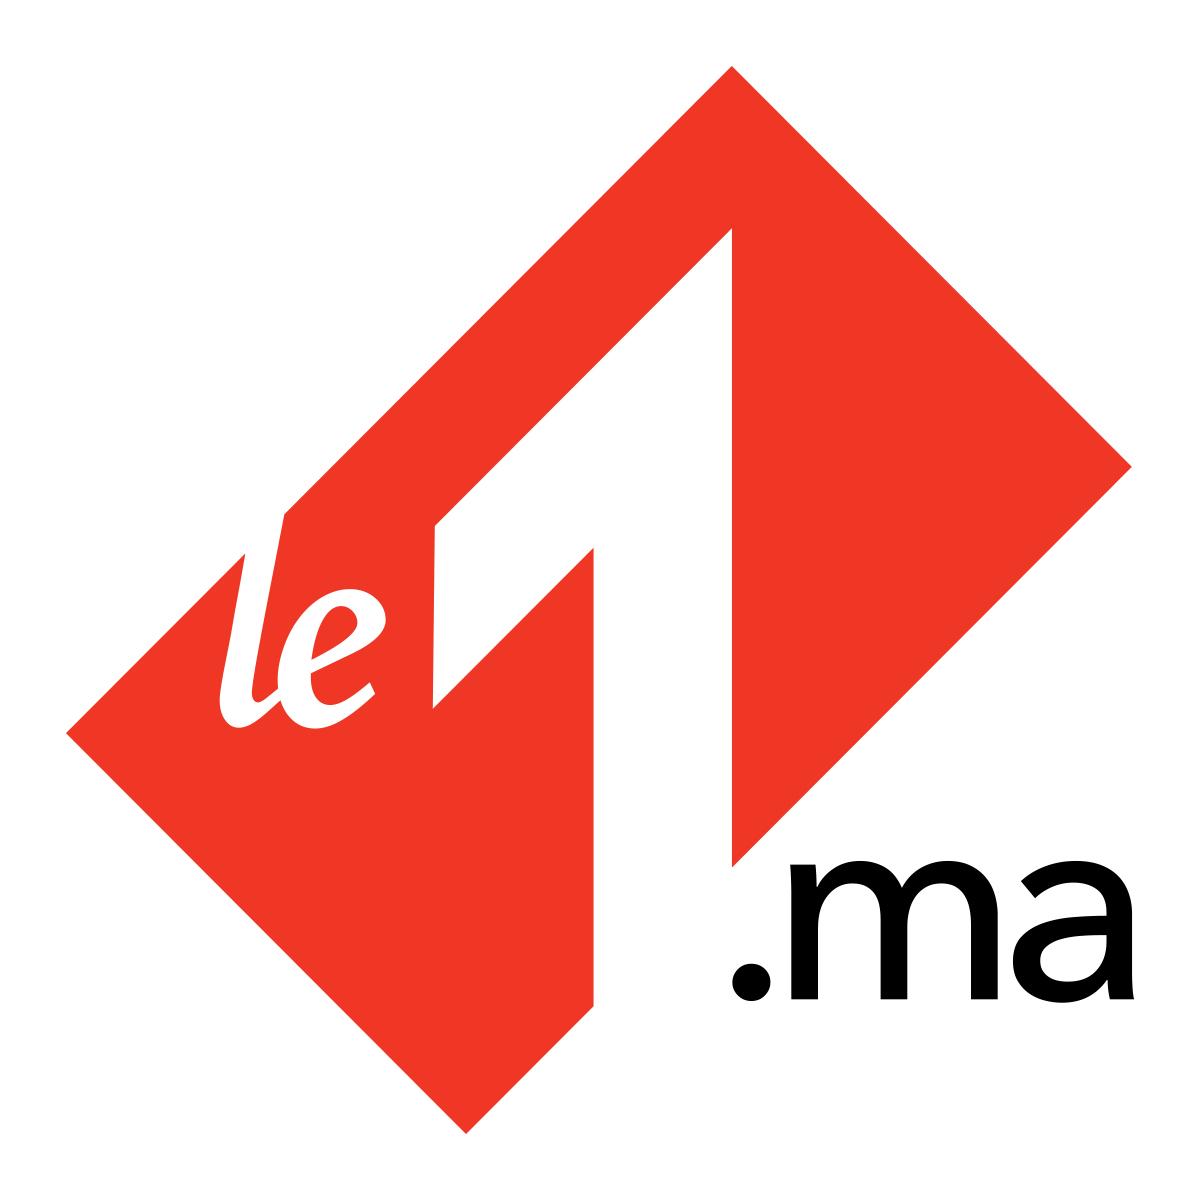 Le1.ma